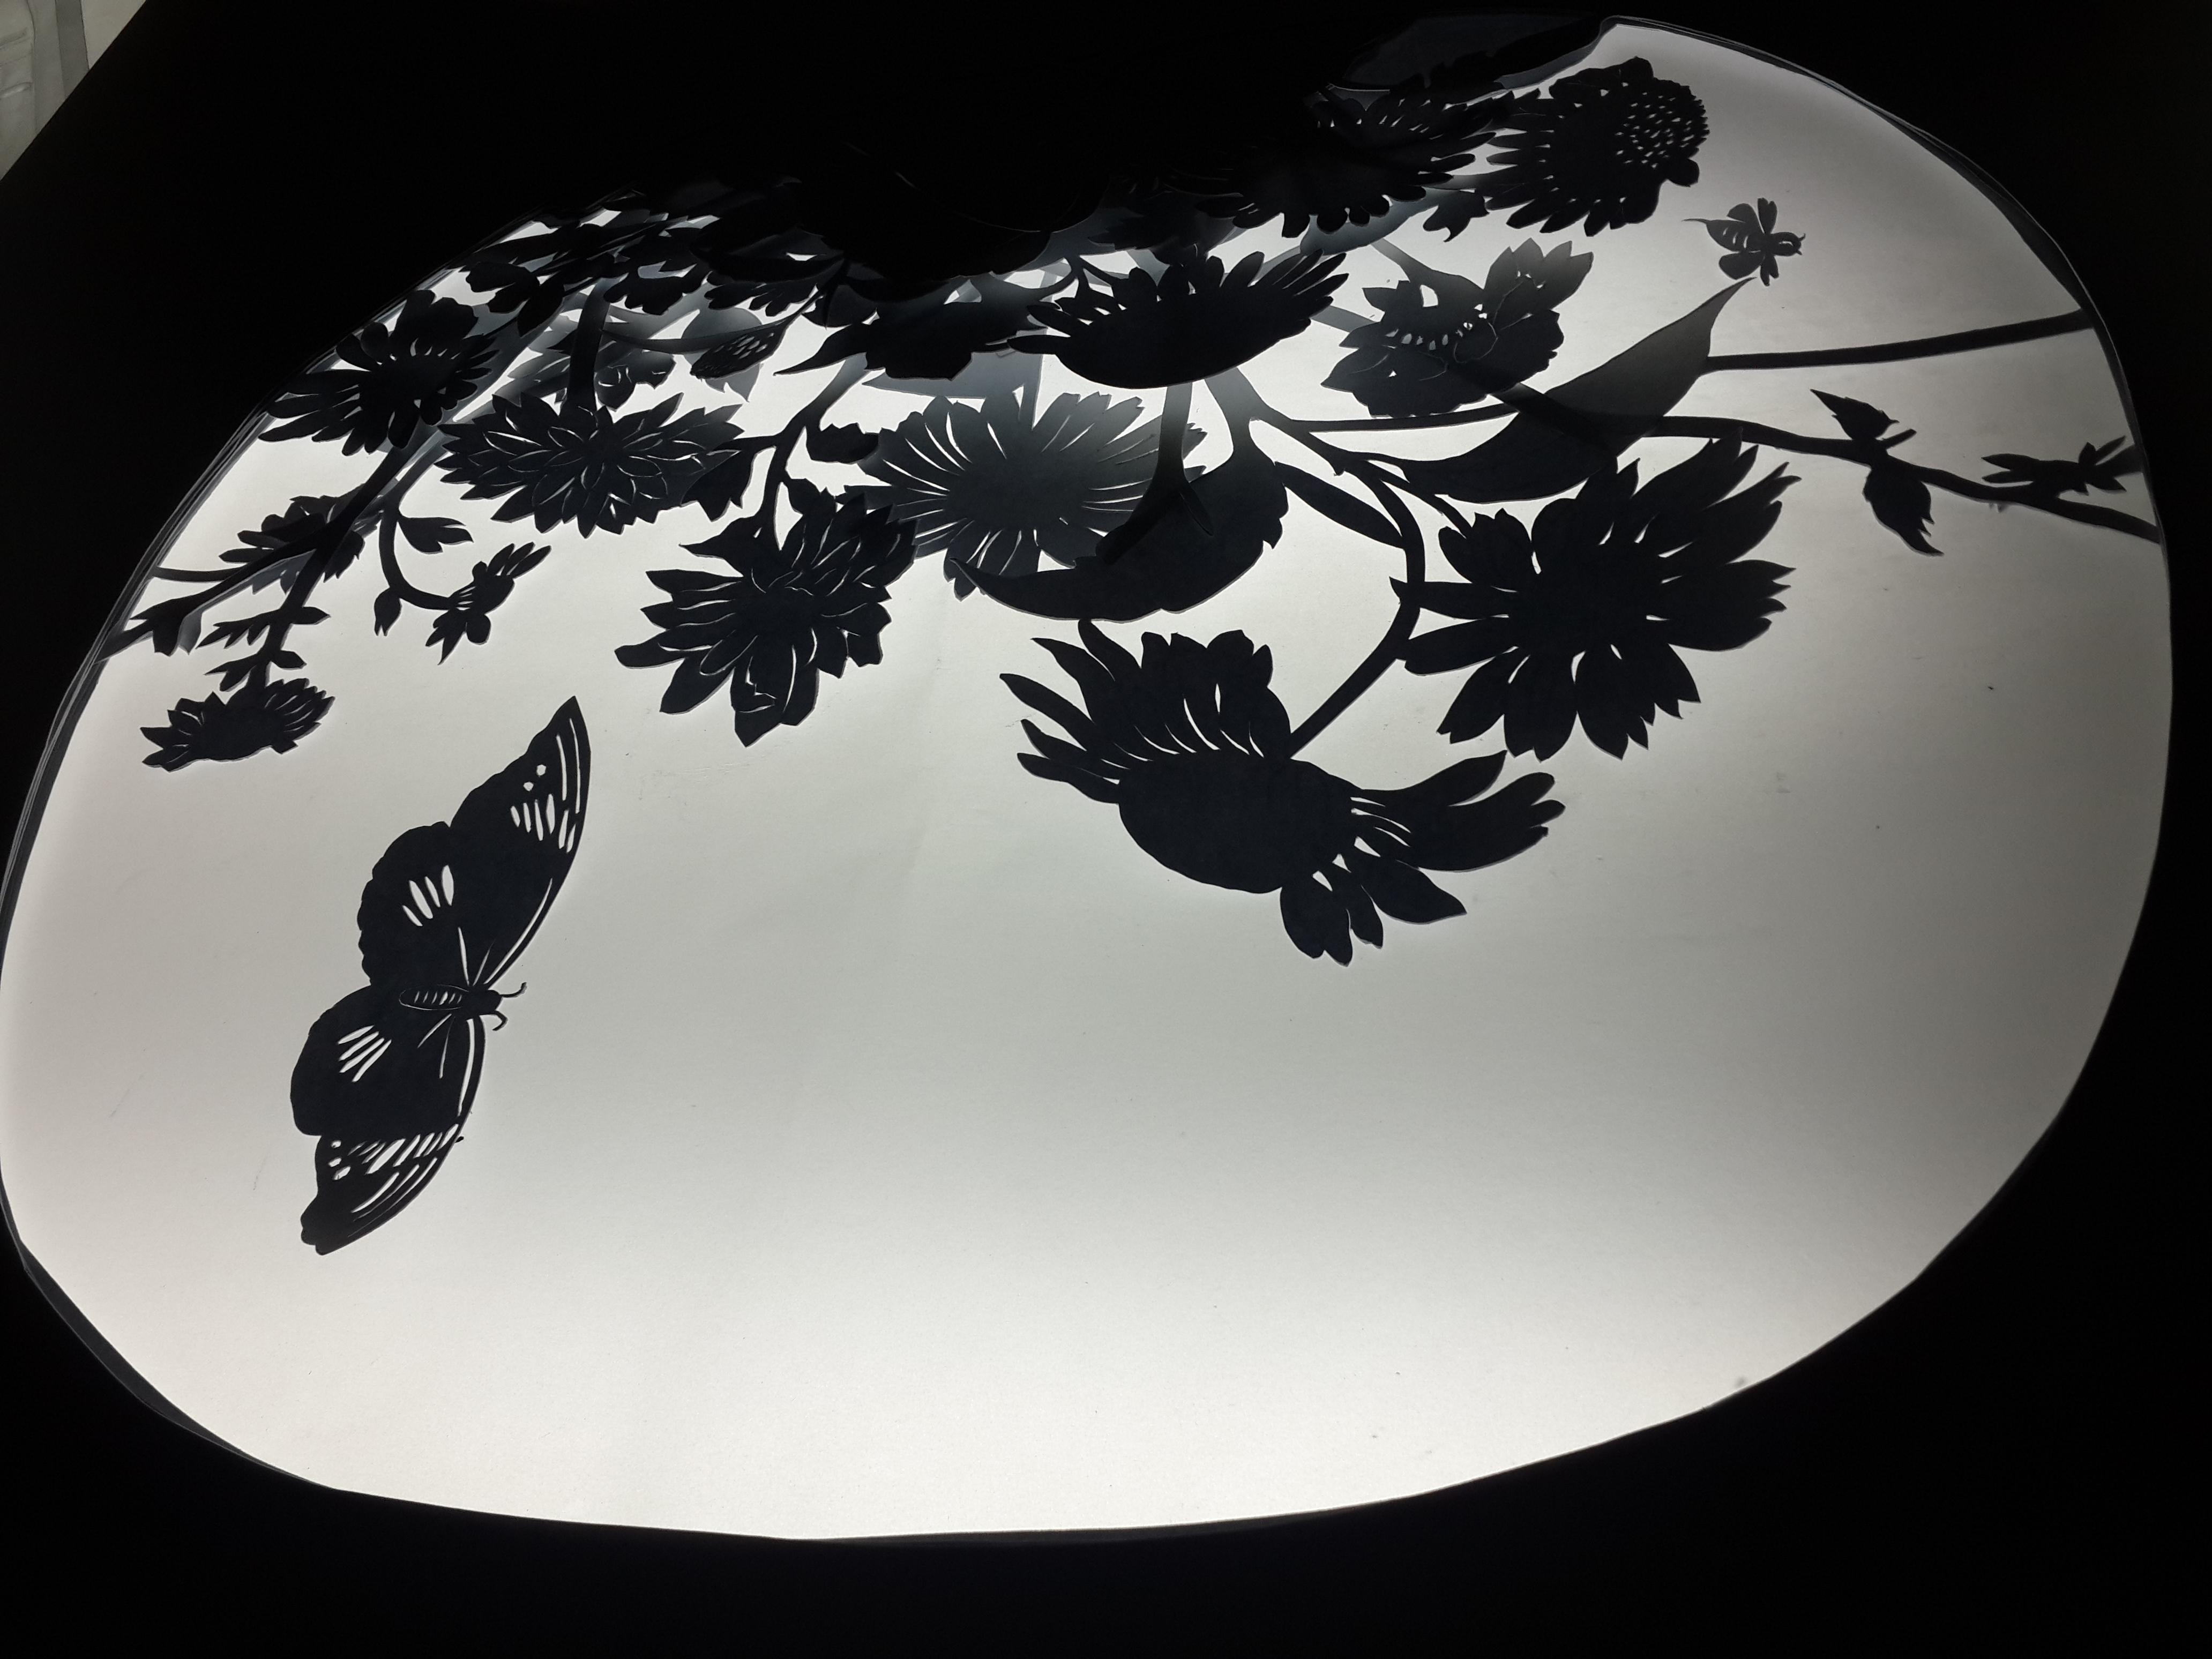 平面镂空纸雕教程图解